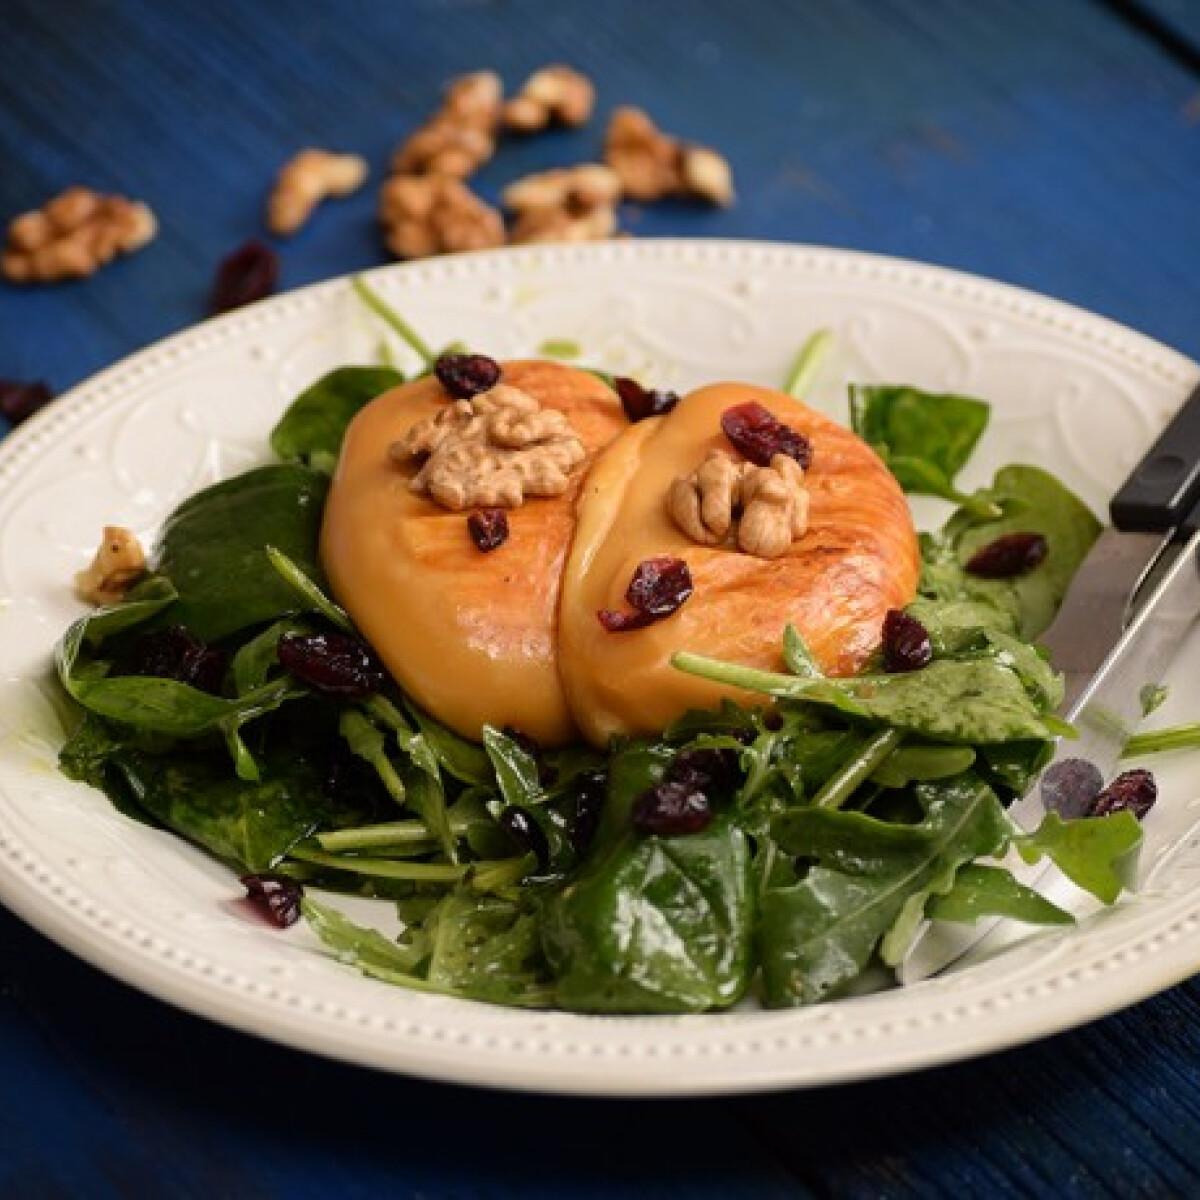 Ezen a képen: Grillsajt áfonyás kevert salátával